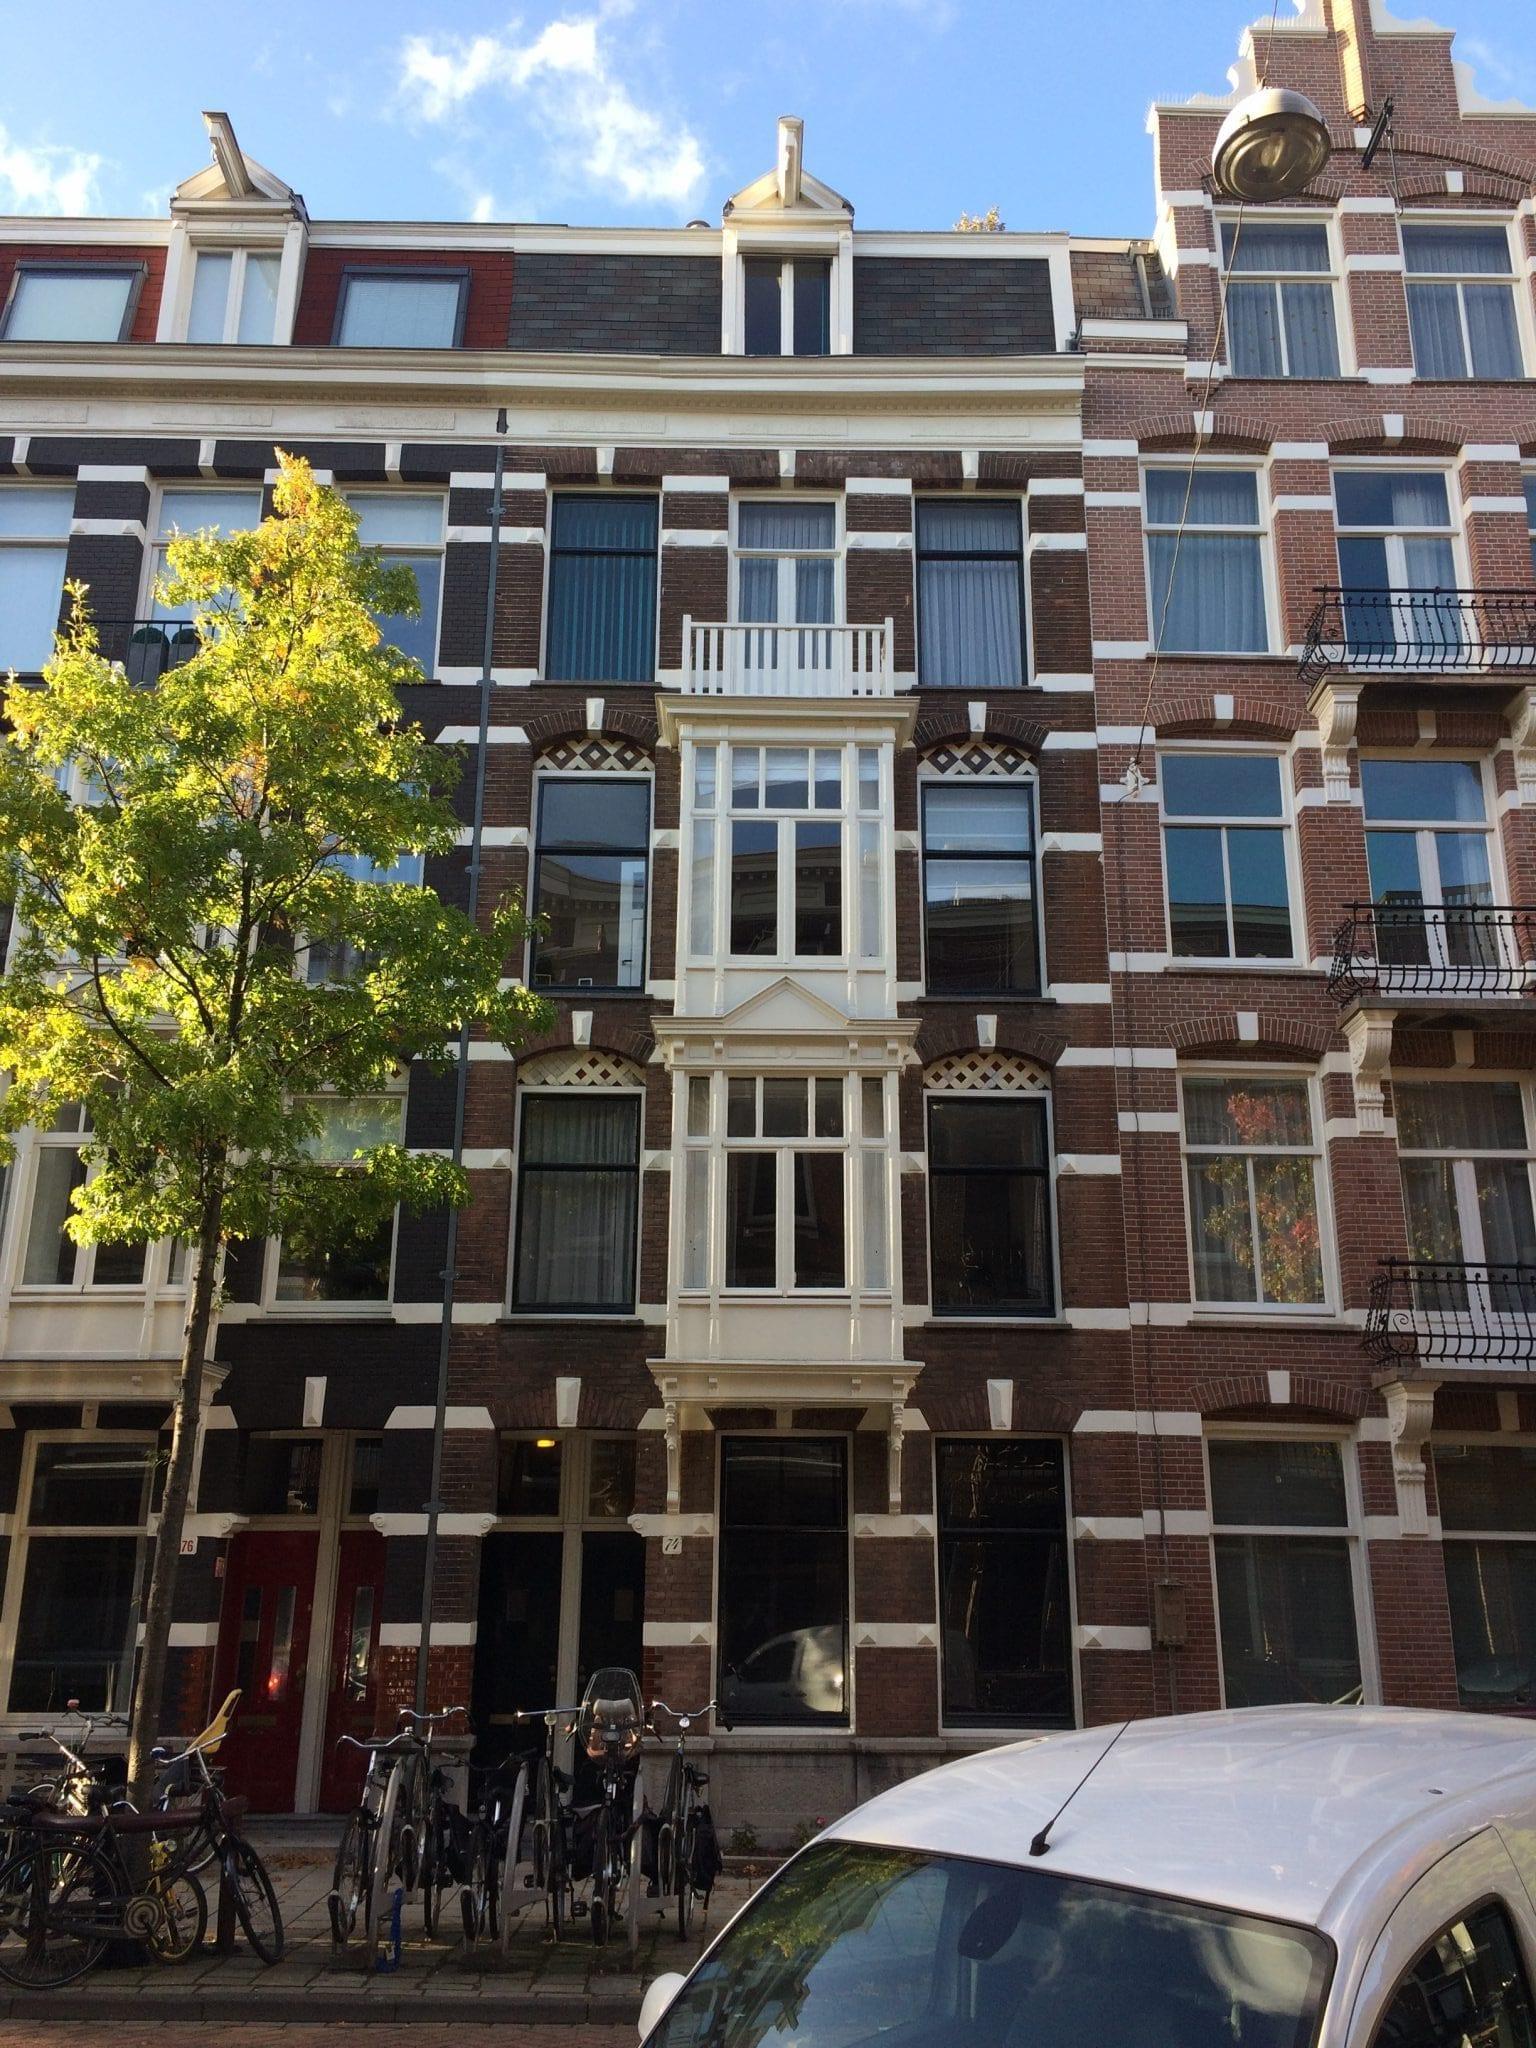 Verbouw en renovatie woning Derde Helmersstraat te Amsterdam